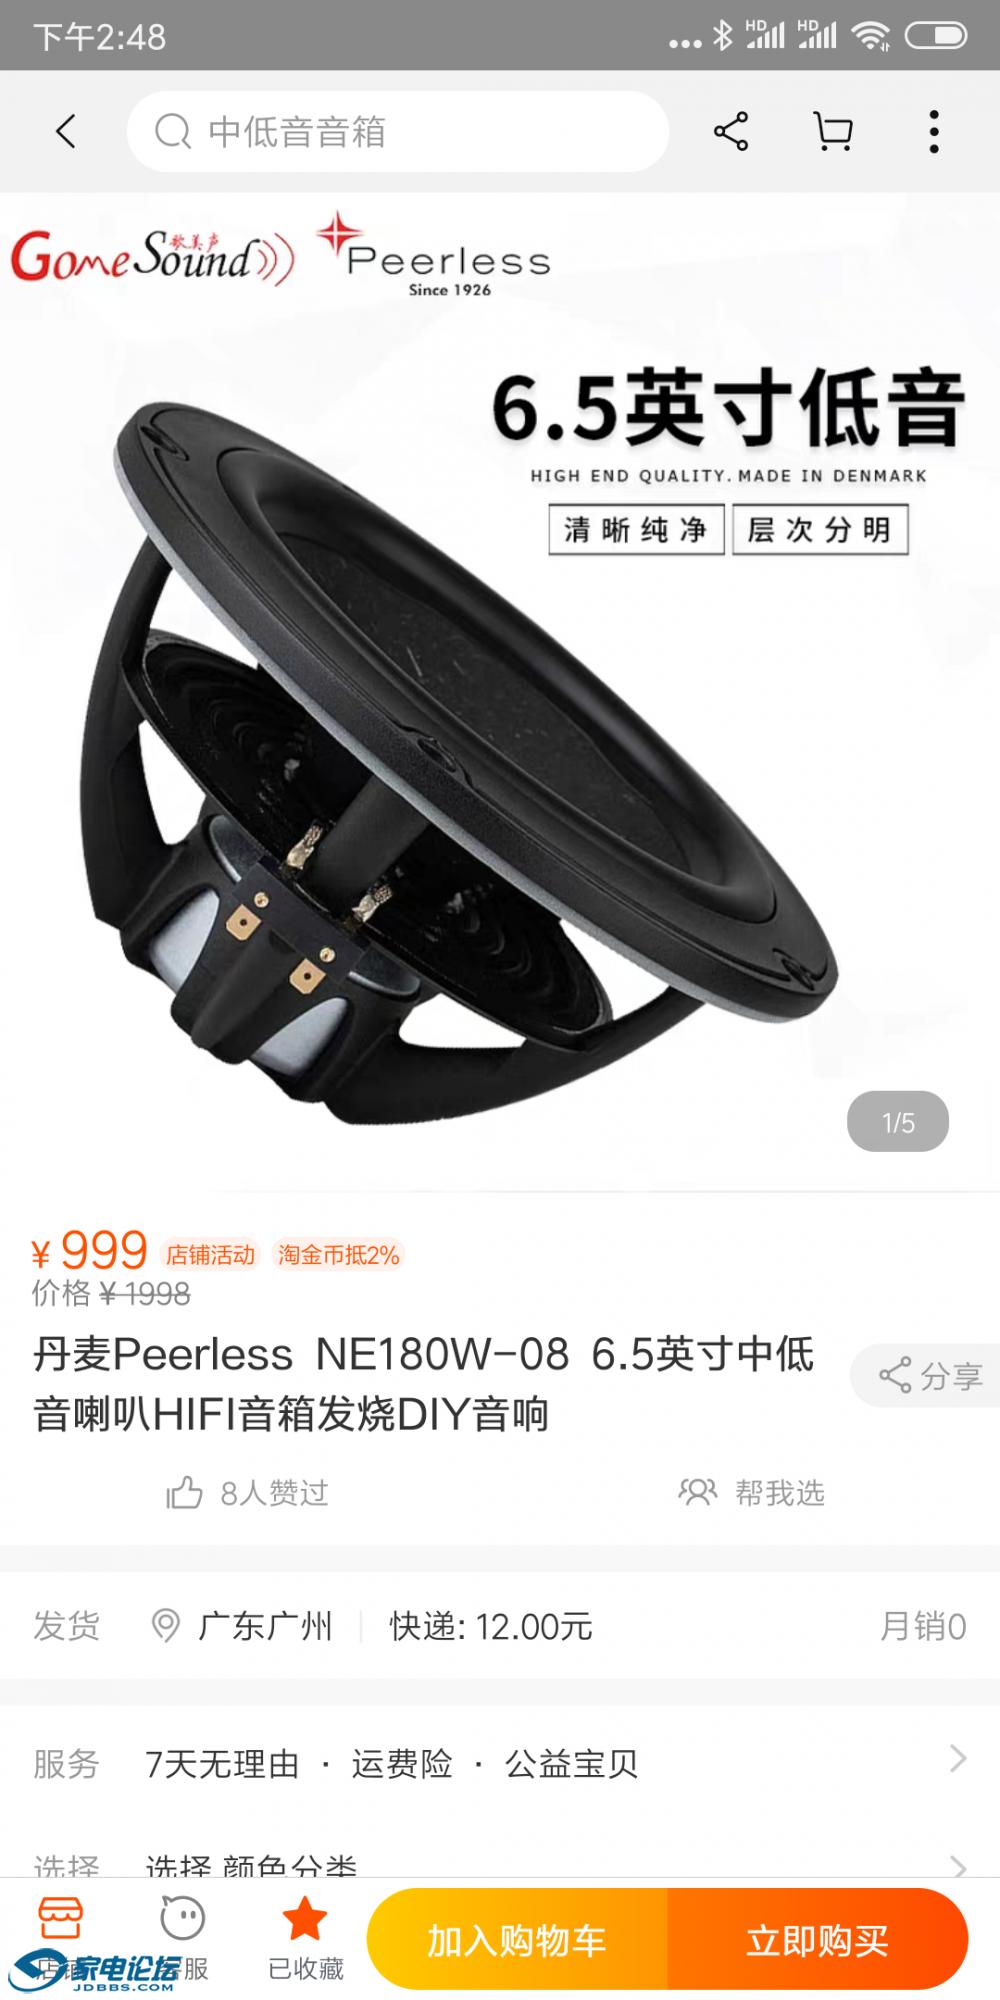 Screenshot_2019-08-10-14-48-06-407_com.taobao.tao.png